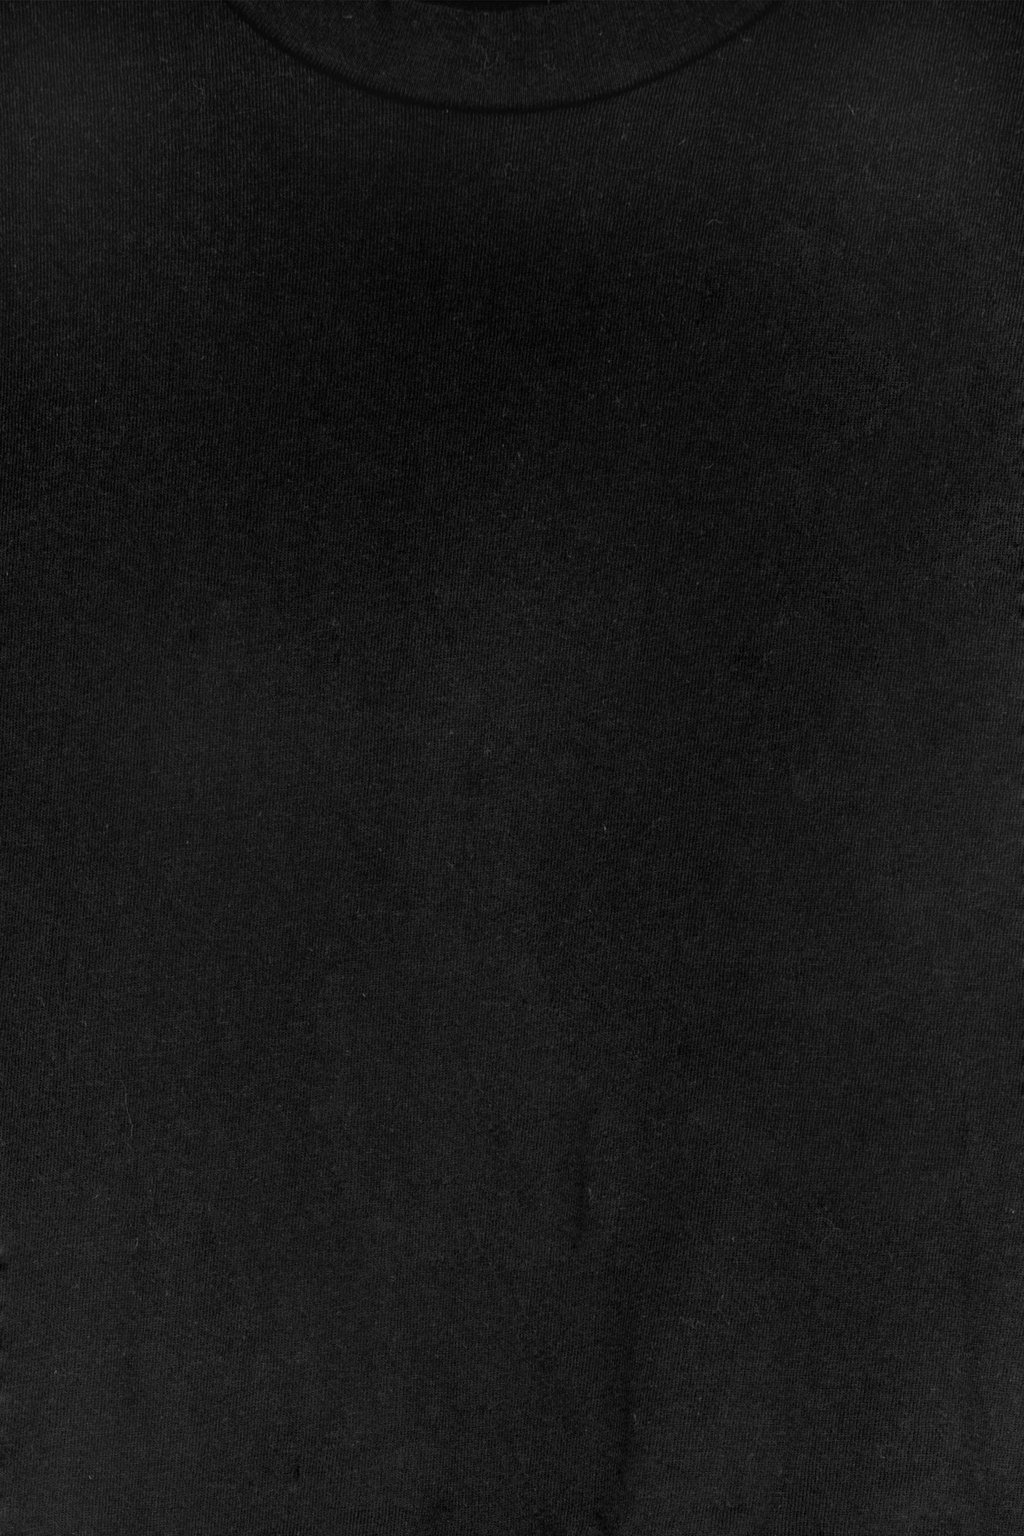 TShirt K163 Black 9